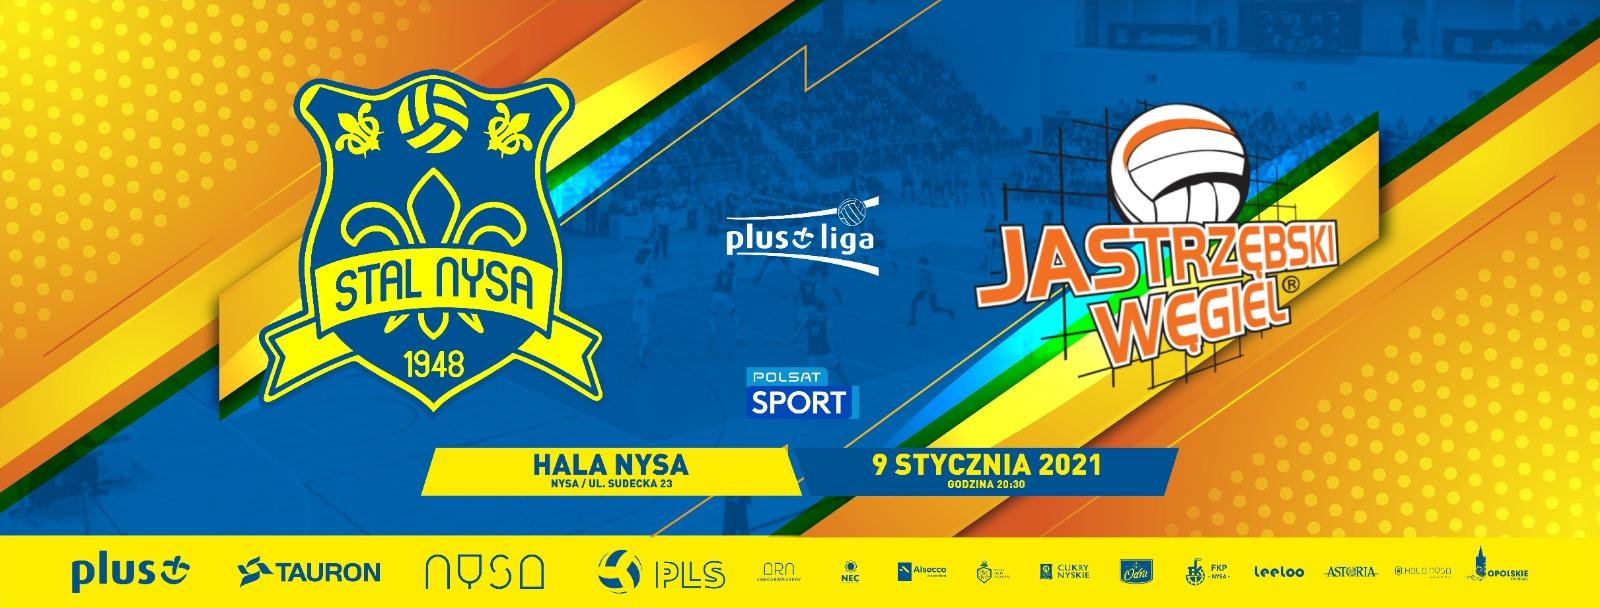 grafika meczu Stal Nysa - Jastrzębski Węgiel